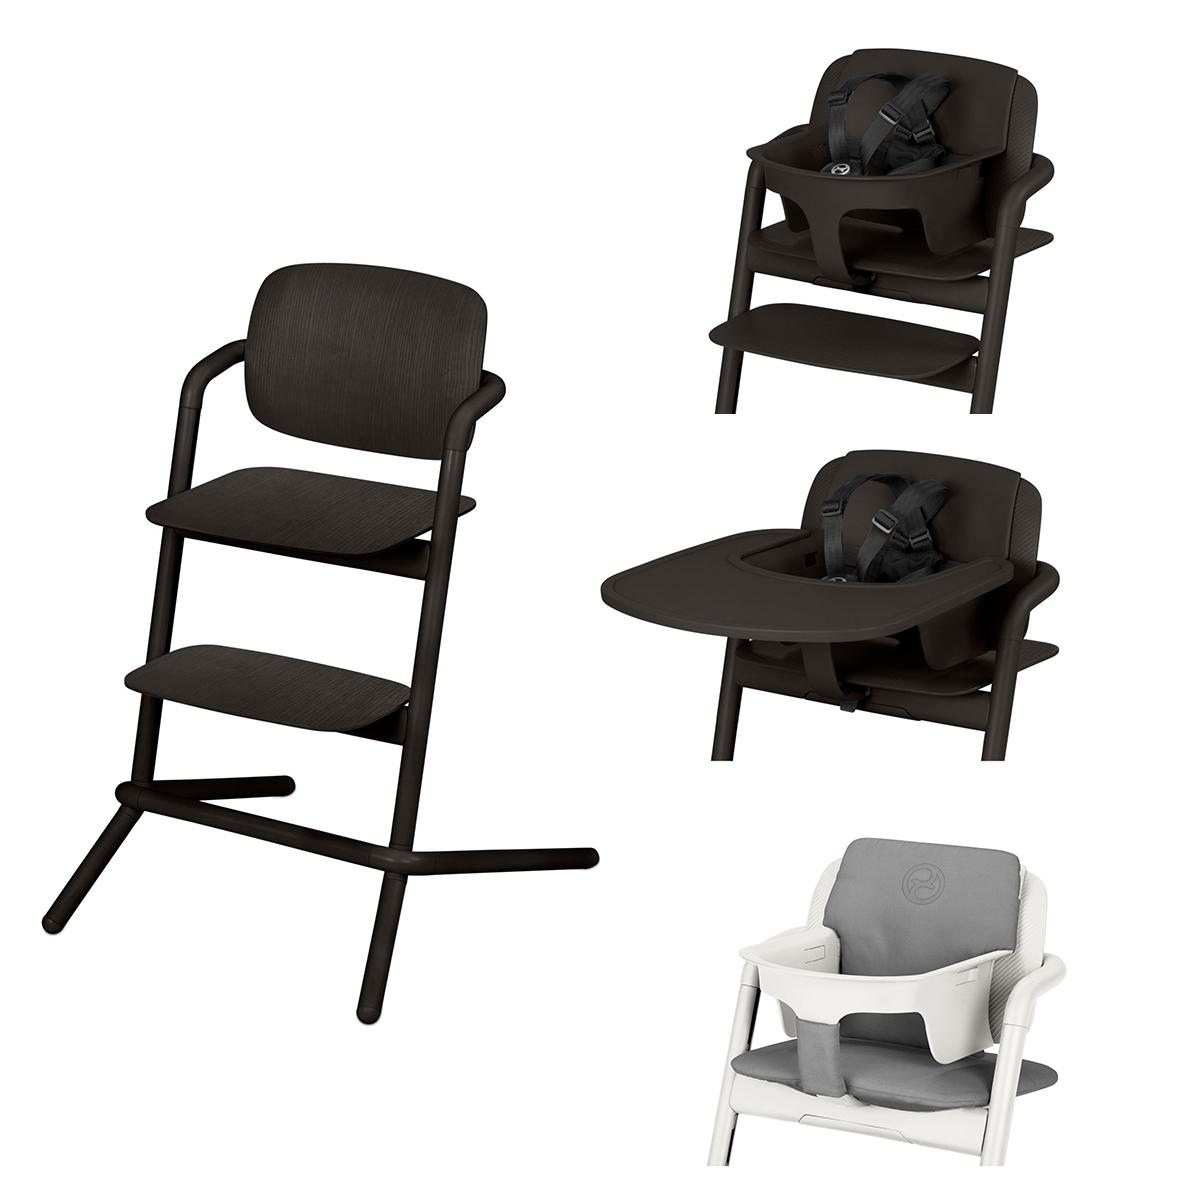 Chaise haute Chaise Haute Lemo Bois Complète - Infinity Black Chaise Haute Lemo Bois + Plateau pour Chaise Haute Lemo + Baby Set Lemo + Coussin Réducteur Lemo - Infinity Black